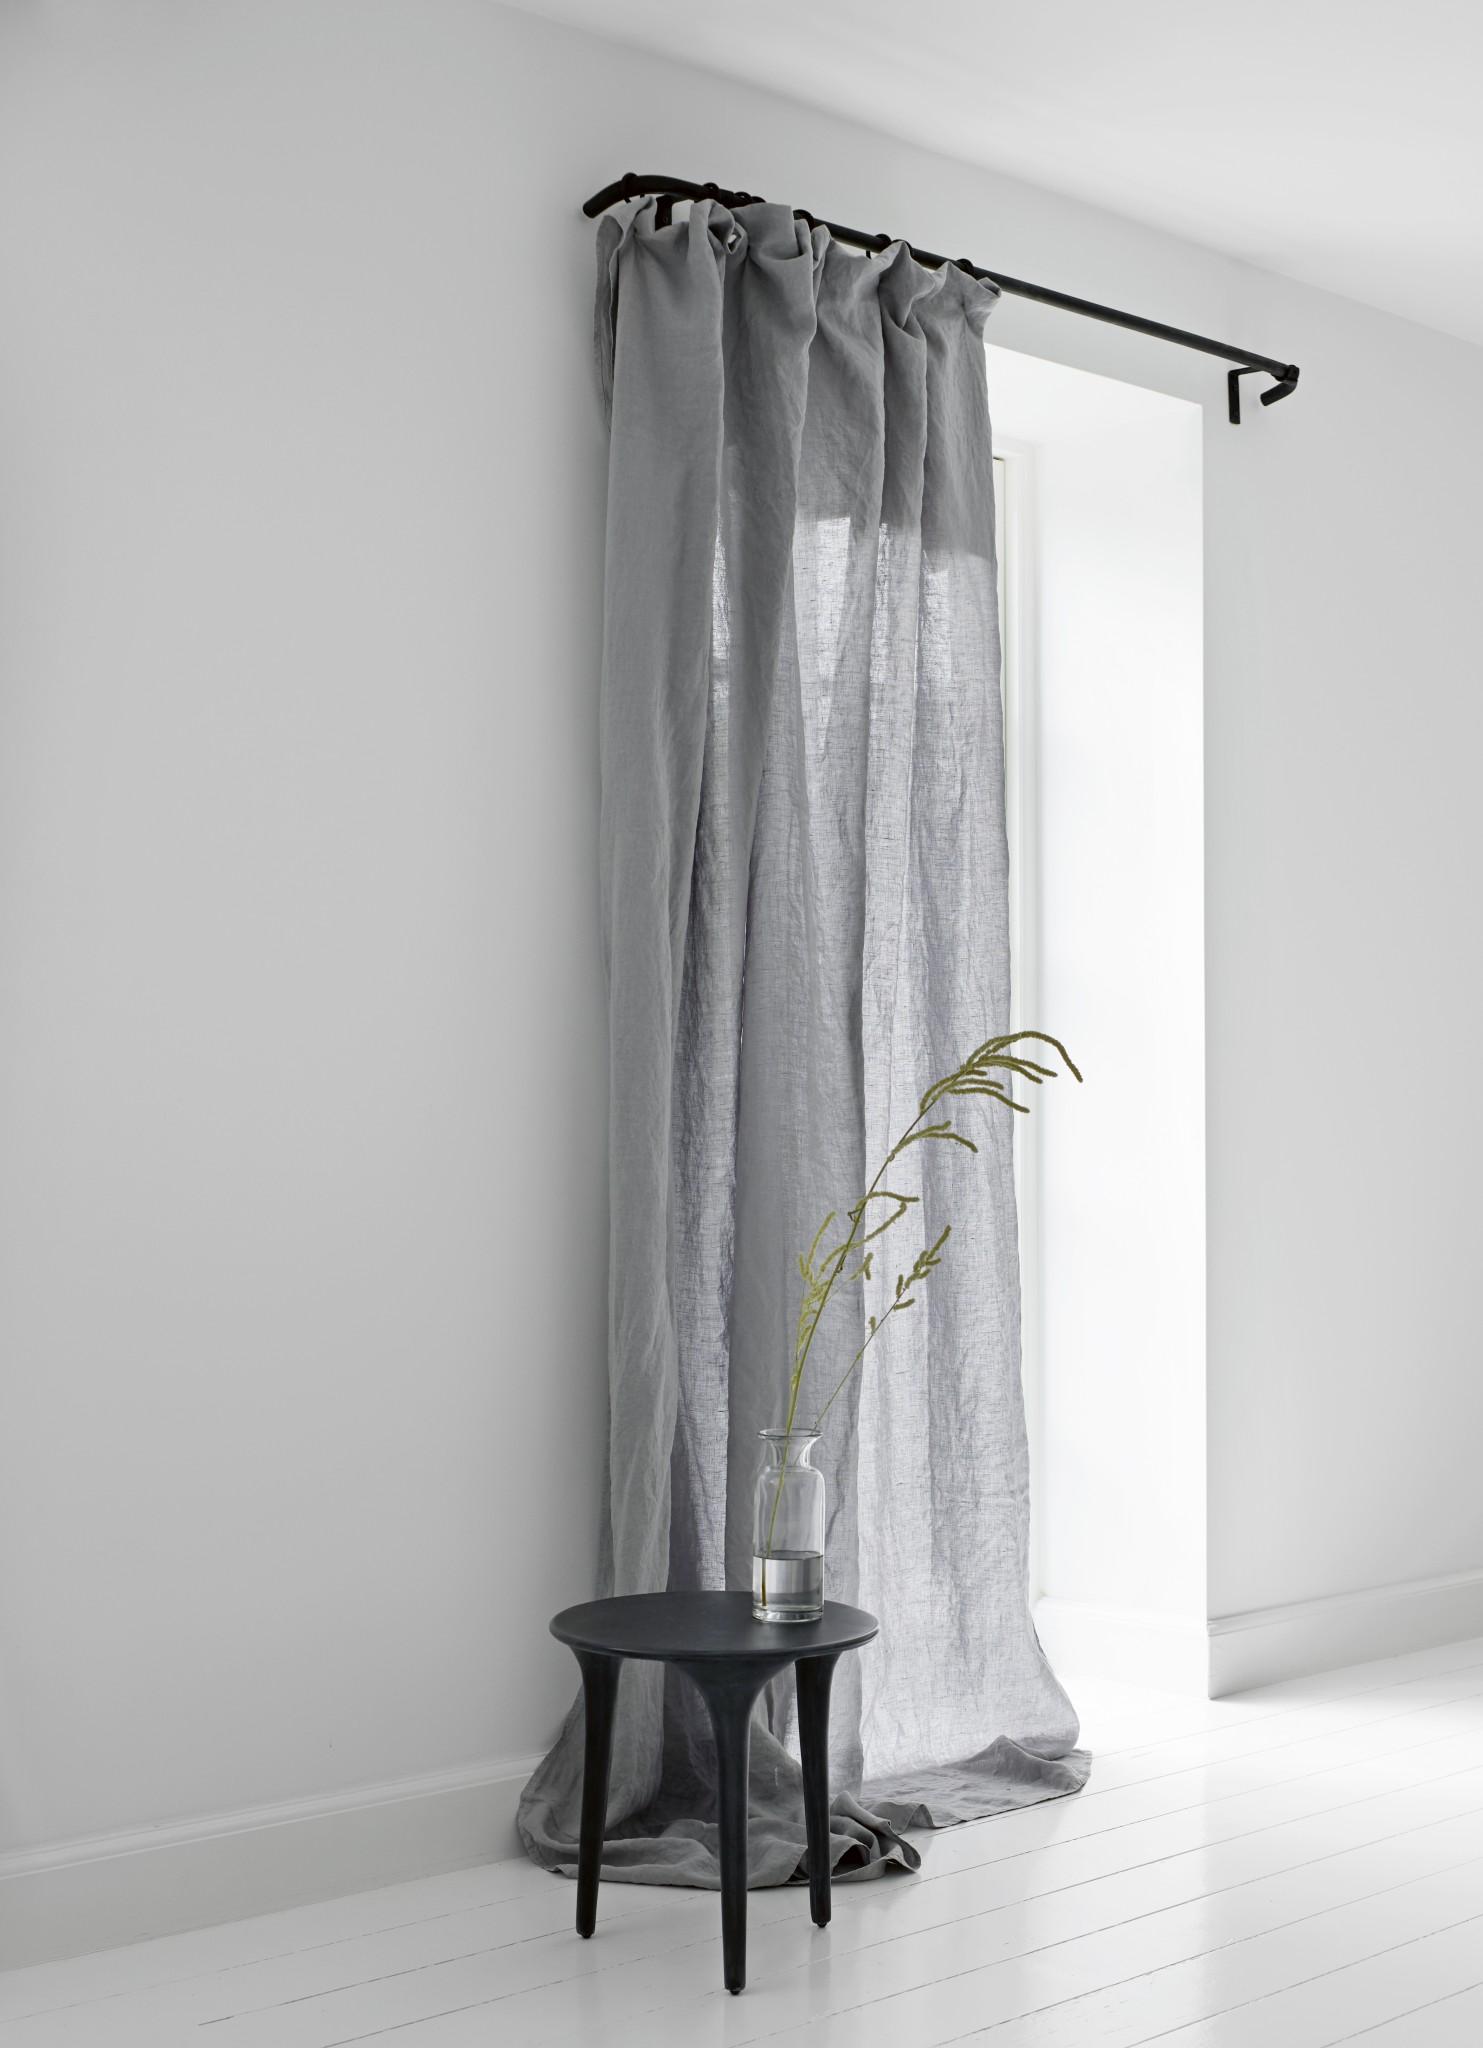 curtain tringle coudee en acier peint avec anneaux 160 cm